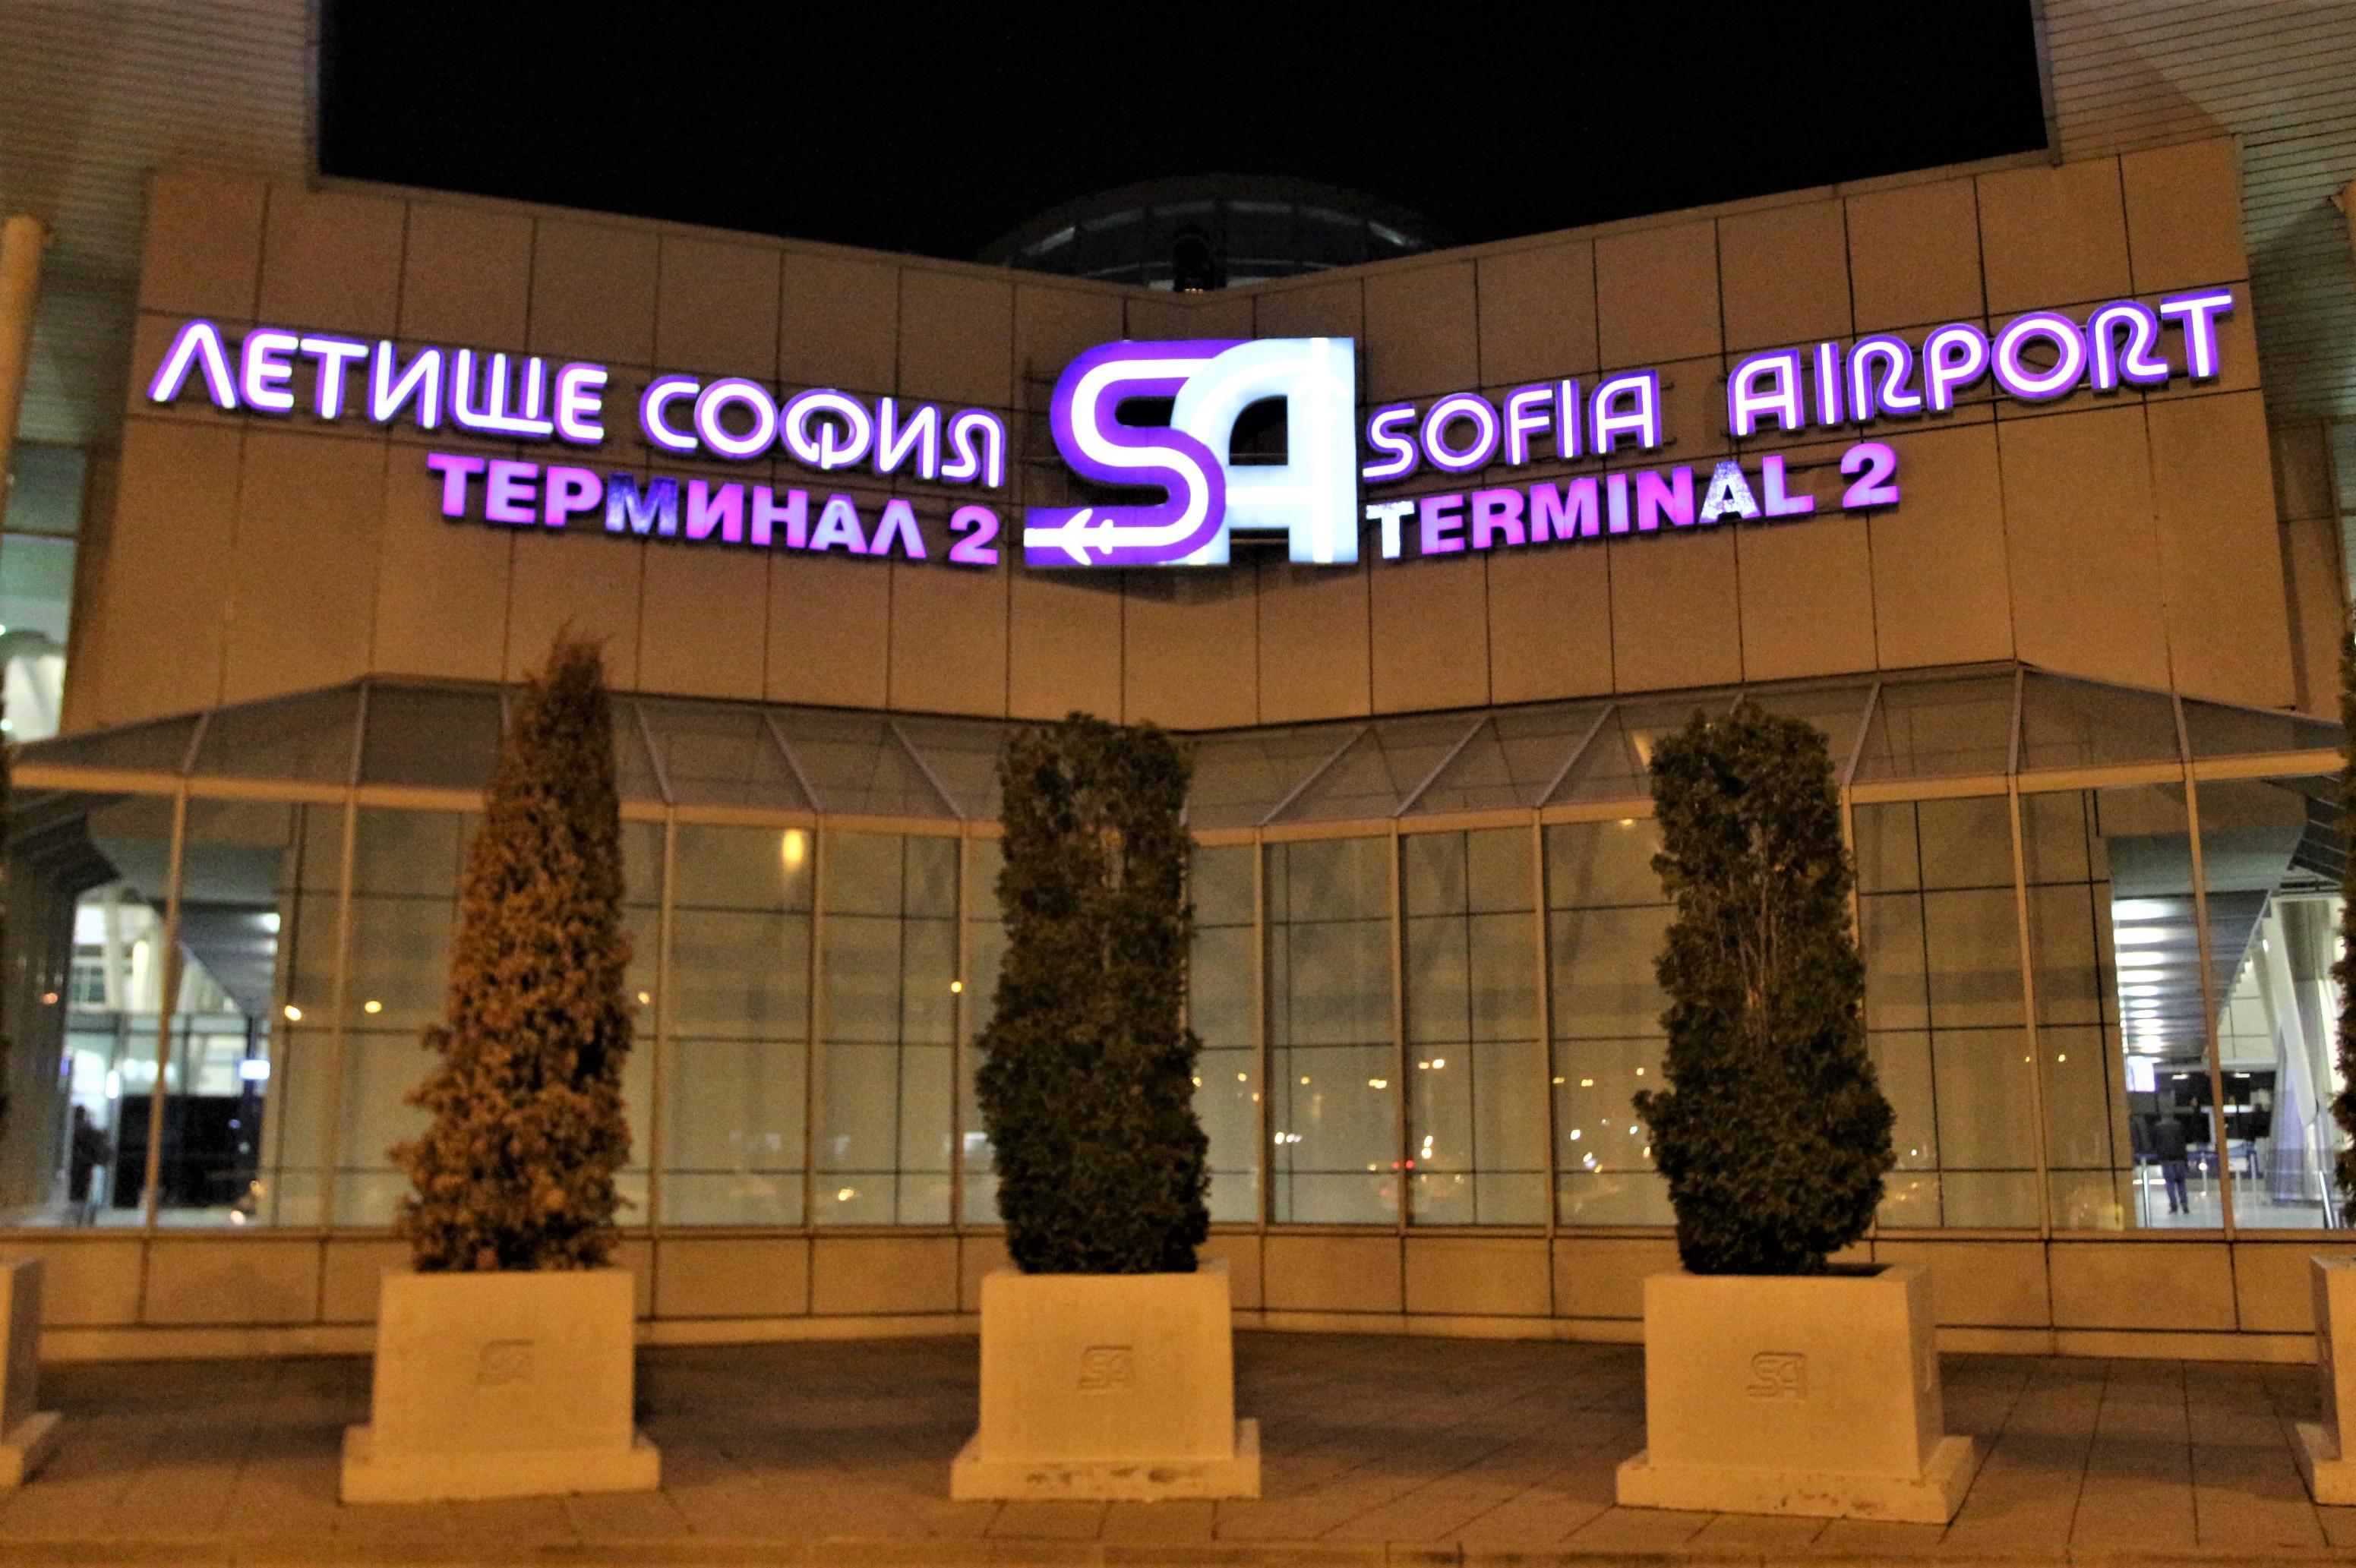 Новините в София: Най-важното за деня 16 април 2021 г.